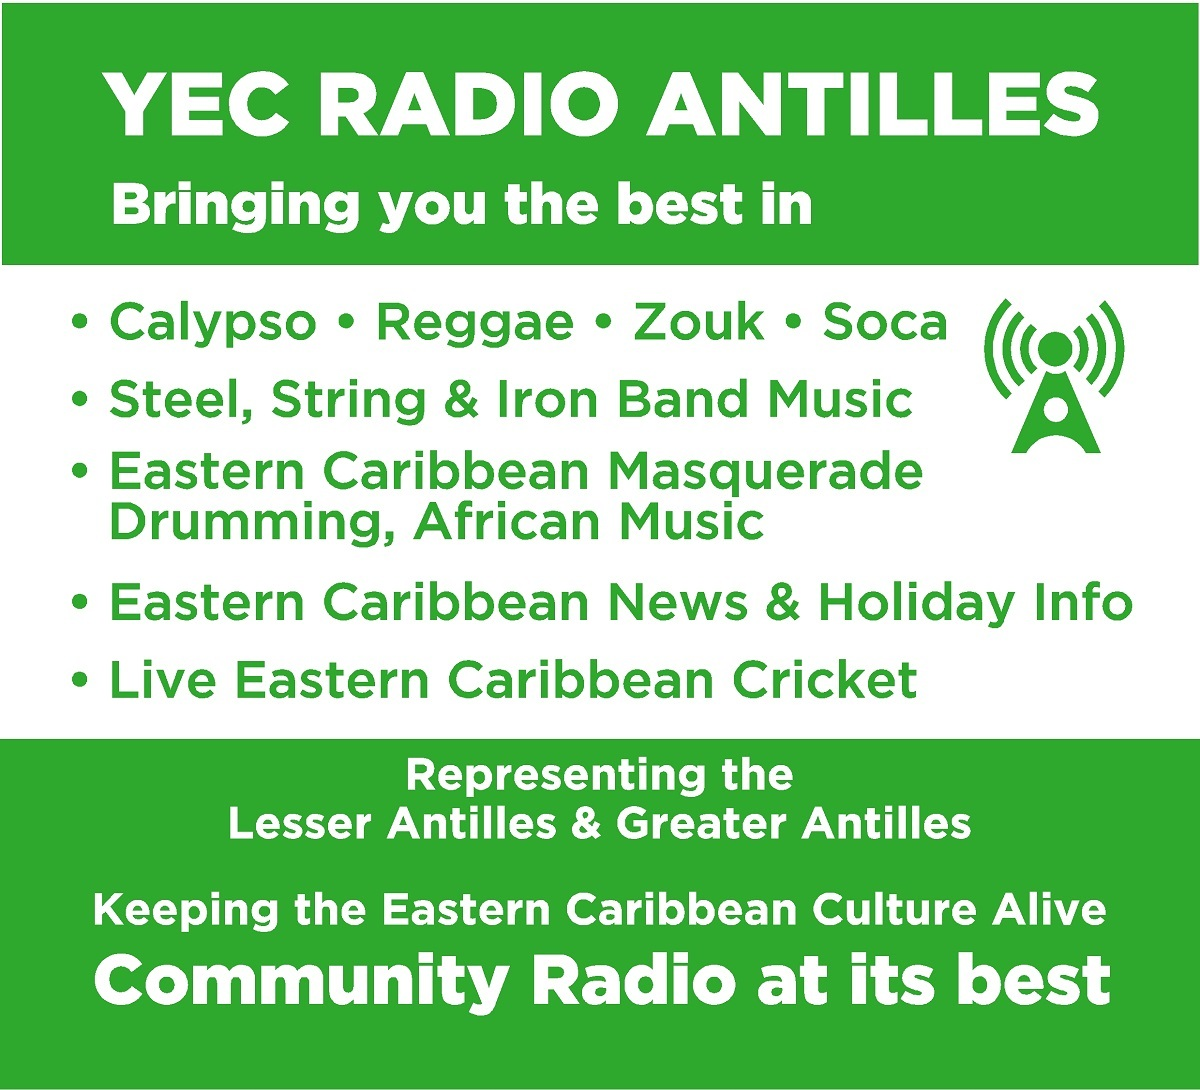 YEC Radio Antilles Poster